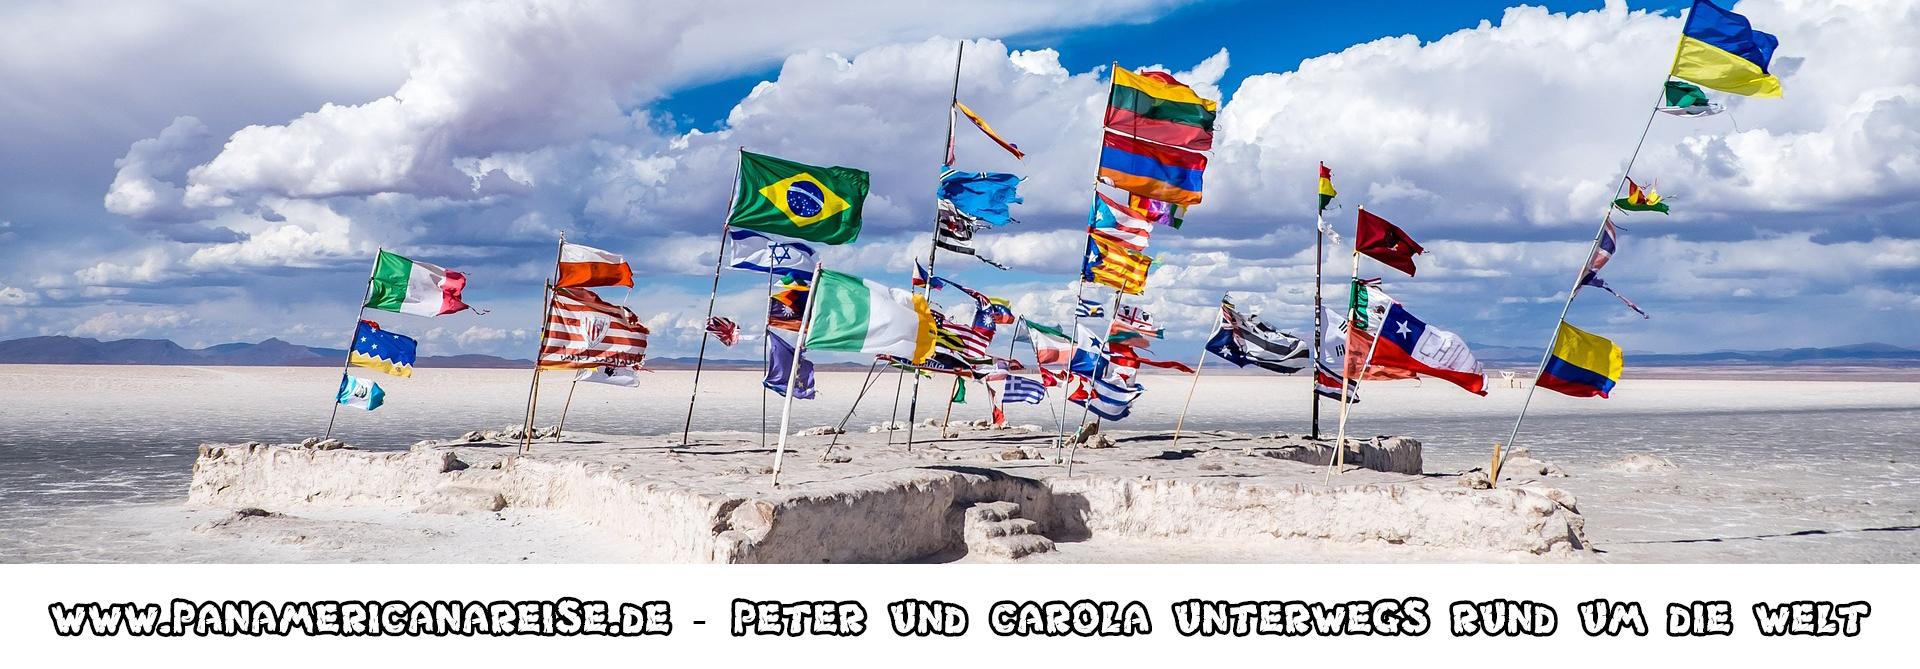 Panamericanareise.de